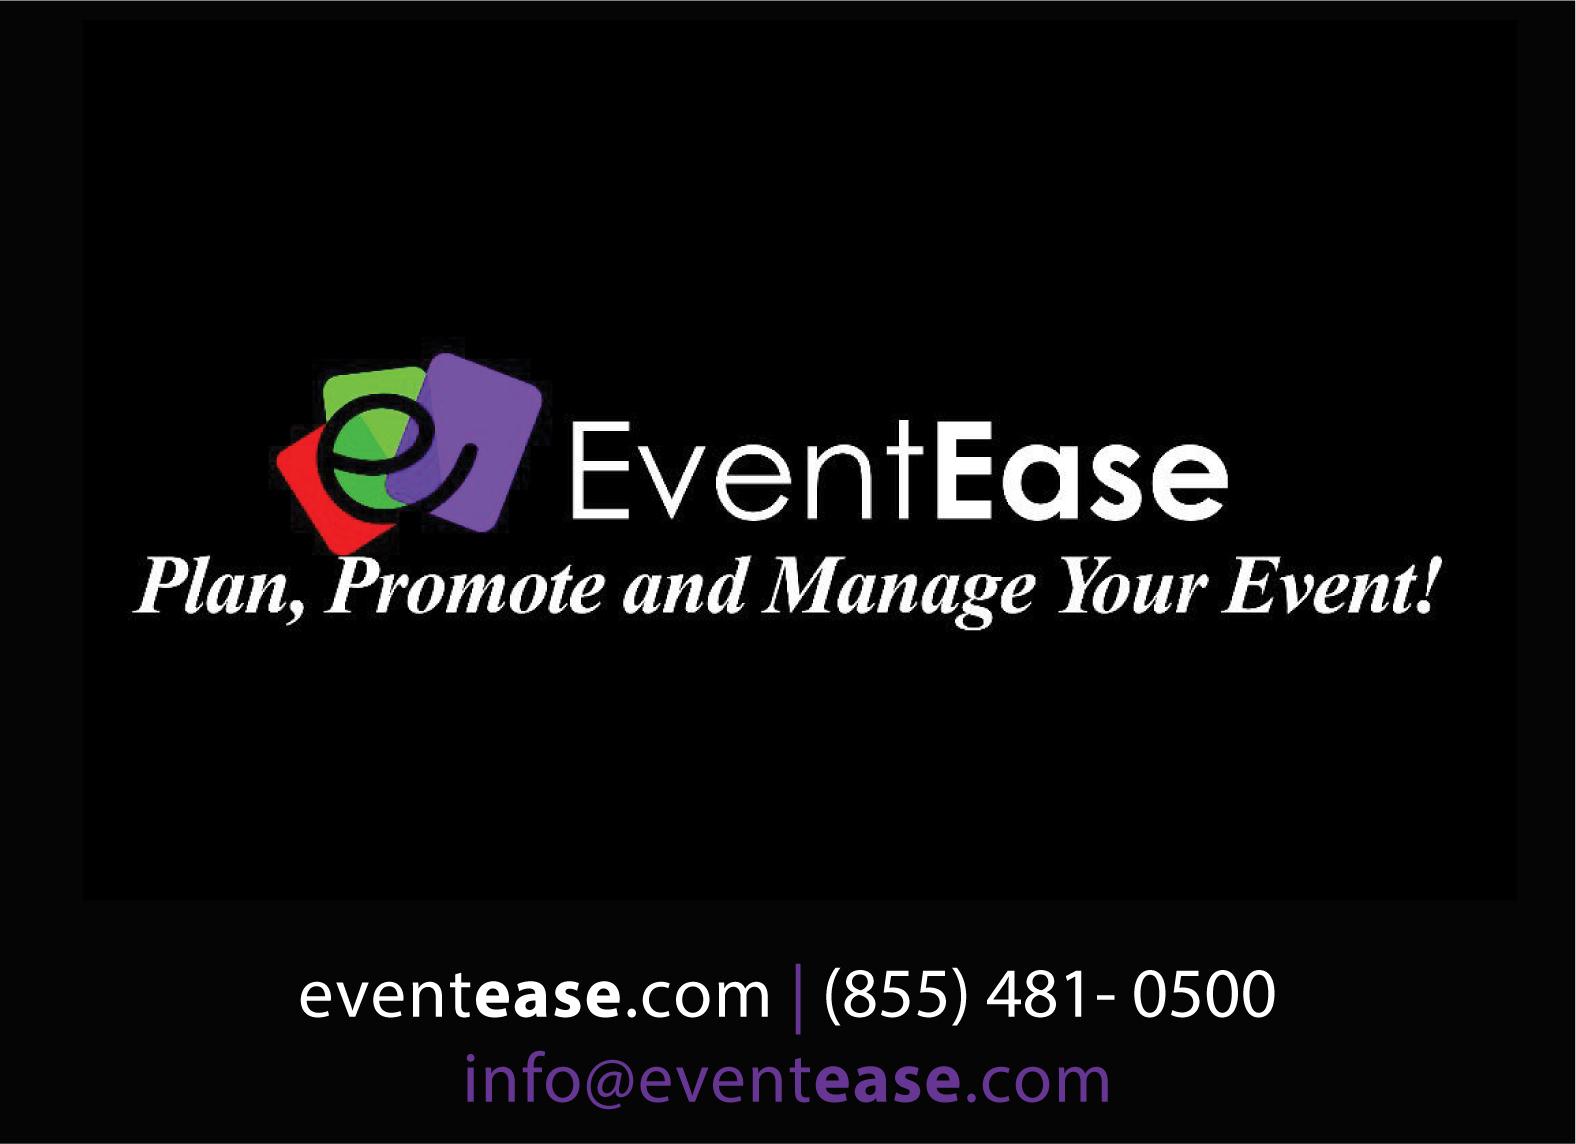 EventEase-02